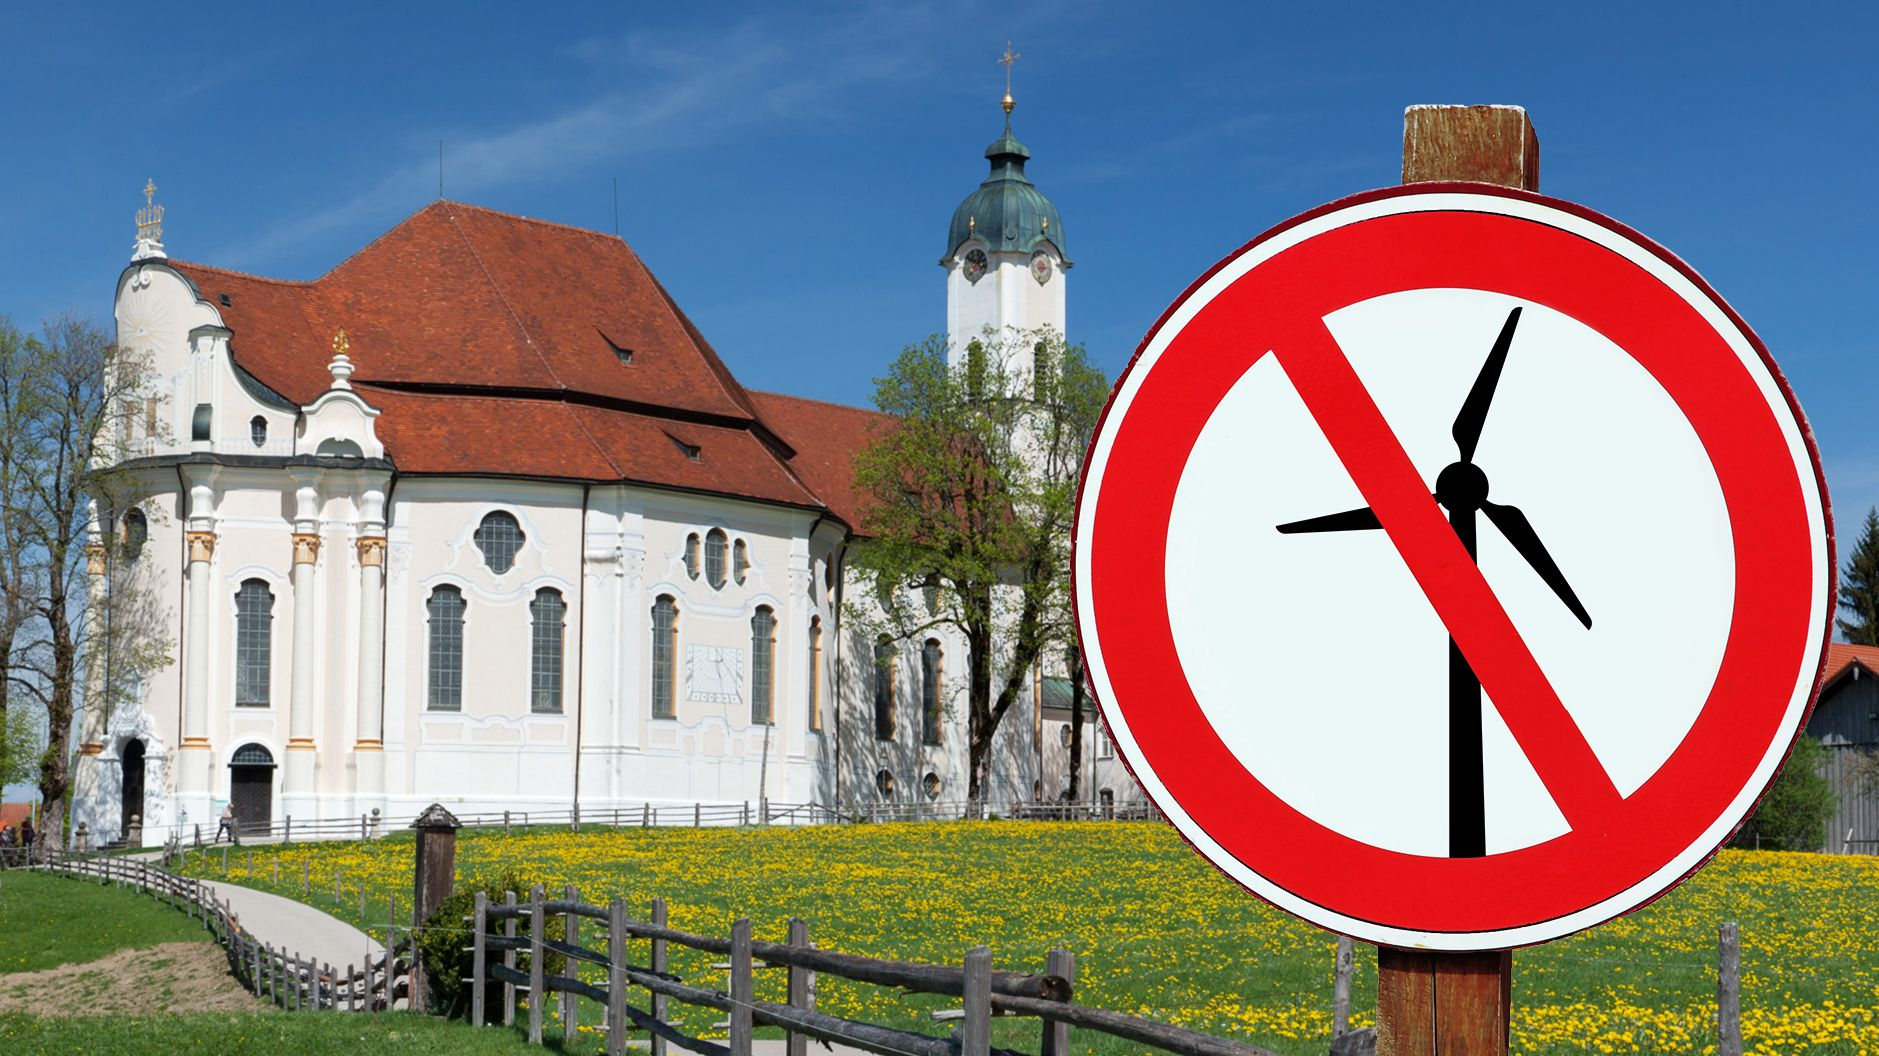 Die Wieskirche im Sommer, im Vordergrund führt ein Weg an einer Blumenwiese vorbei, rechts vorne ein Schild auf dem ein Windrad durchgestrichen ist (das Schild wurde nachträglich vom Grafiker eingefügt und existiert nicht vor Ort)